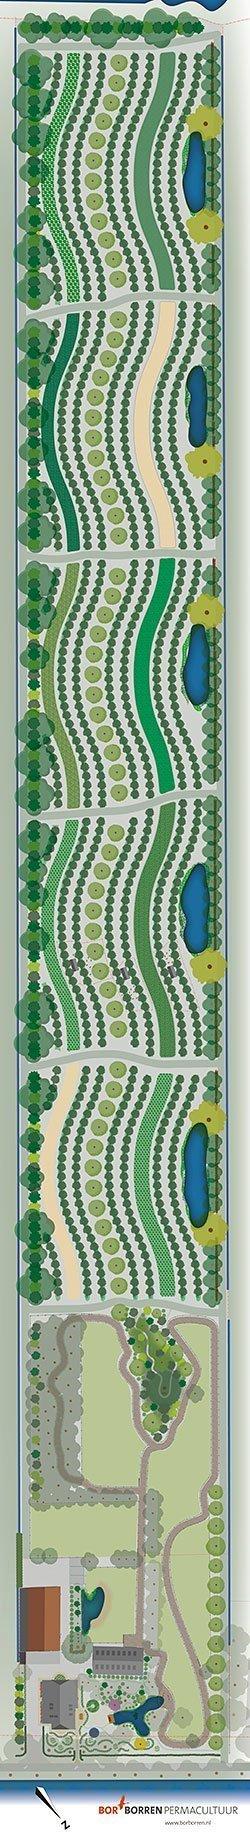 Permacultuur-Design-Odoornerveen